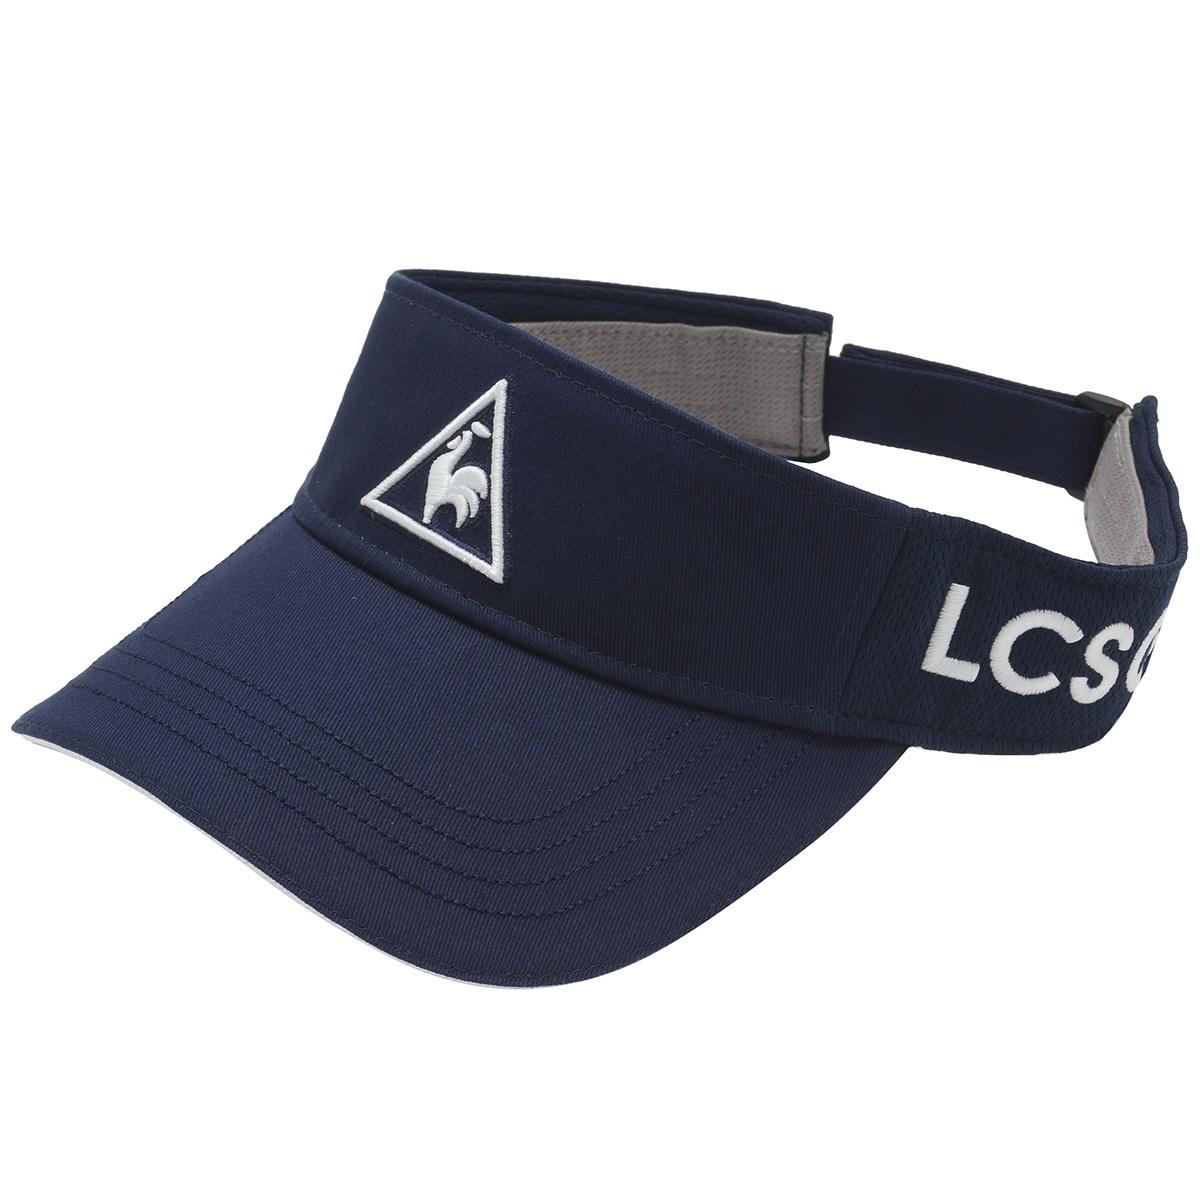 [2020年モデル] ルコックゴルフ Le coq sportif GOLF クリップマーカー付きサンバイザー ネイビー 01 メンズ ゴルフウェア 帽子